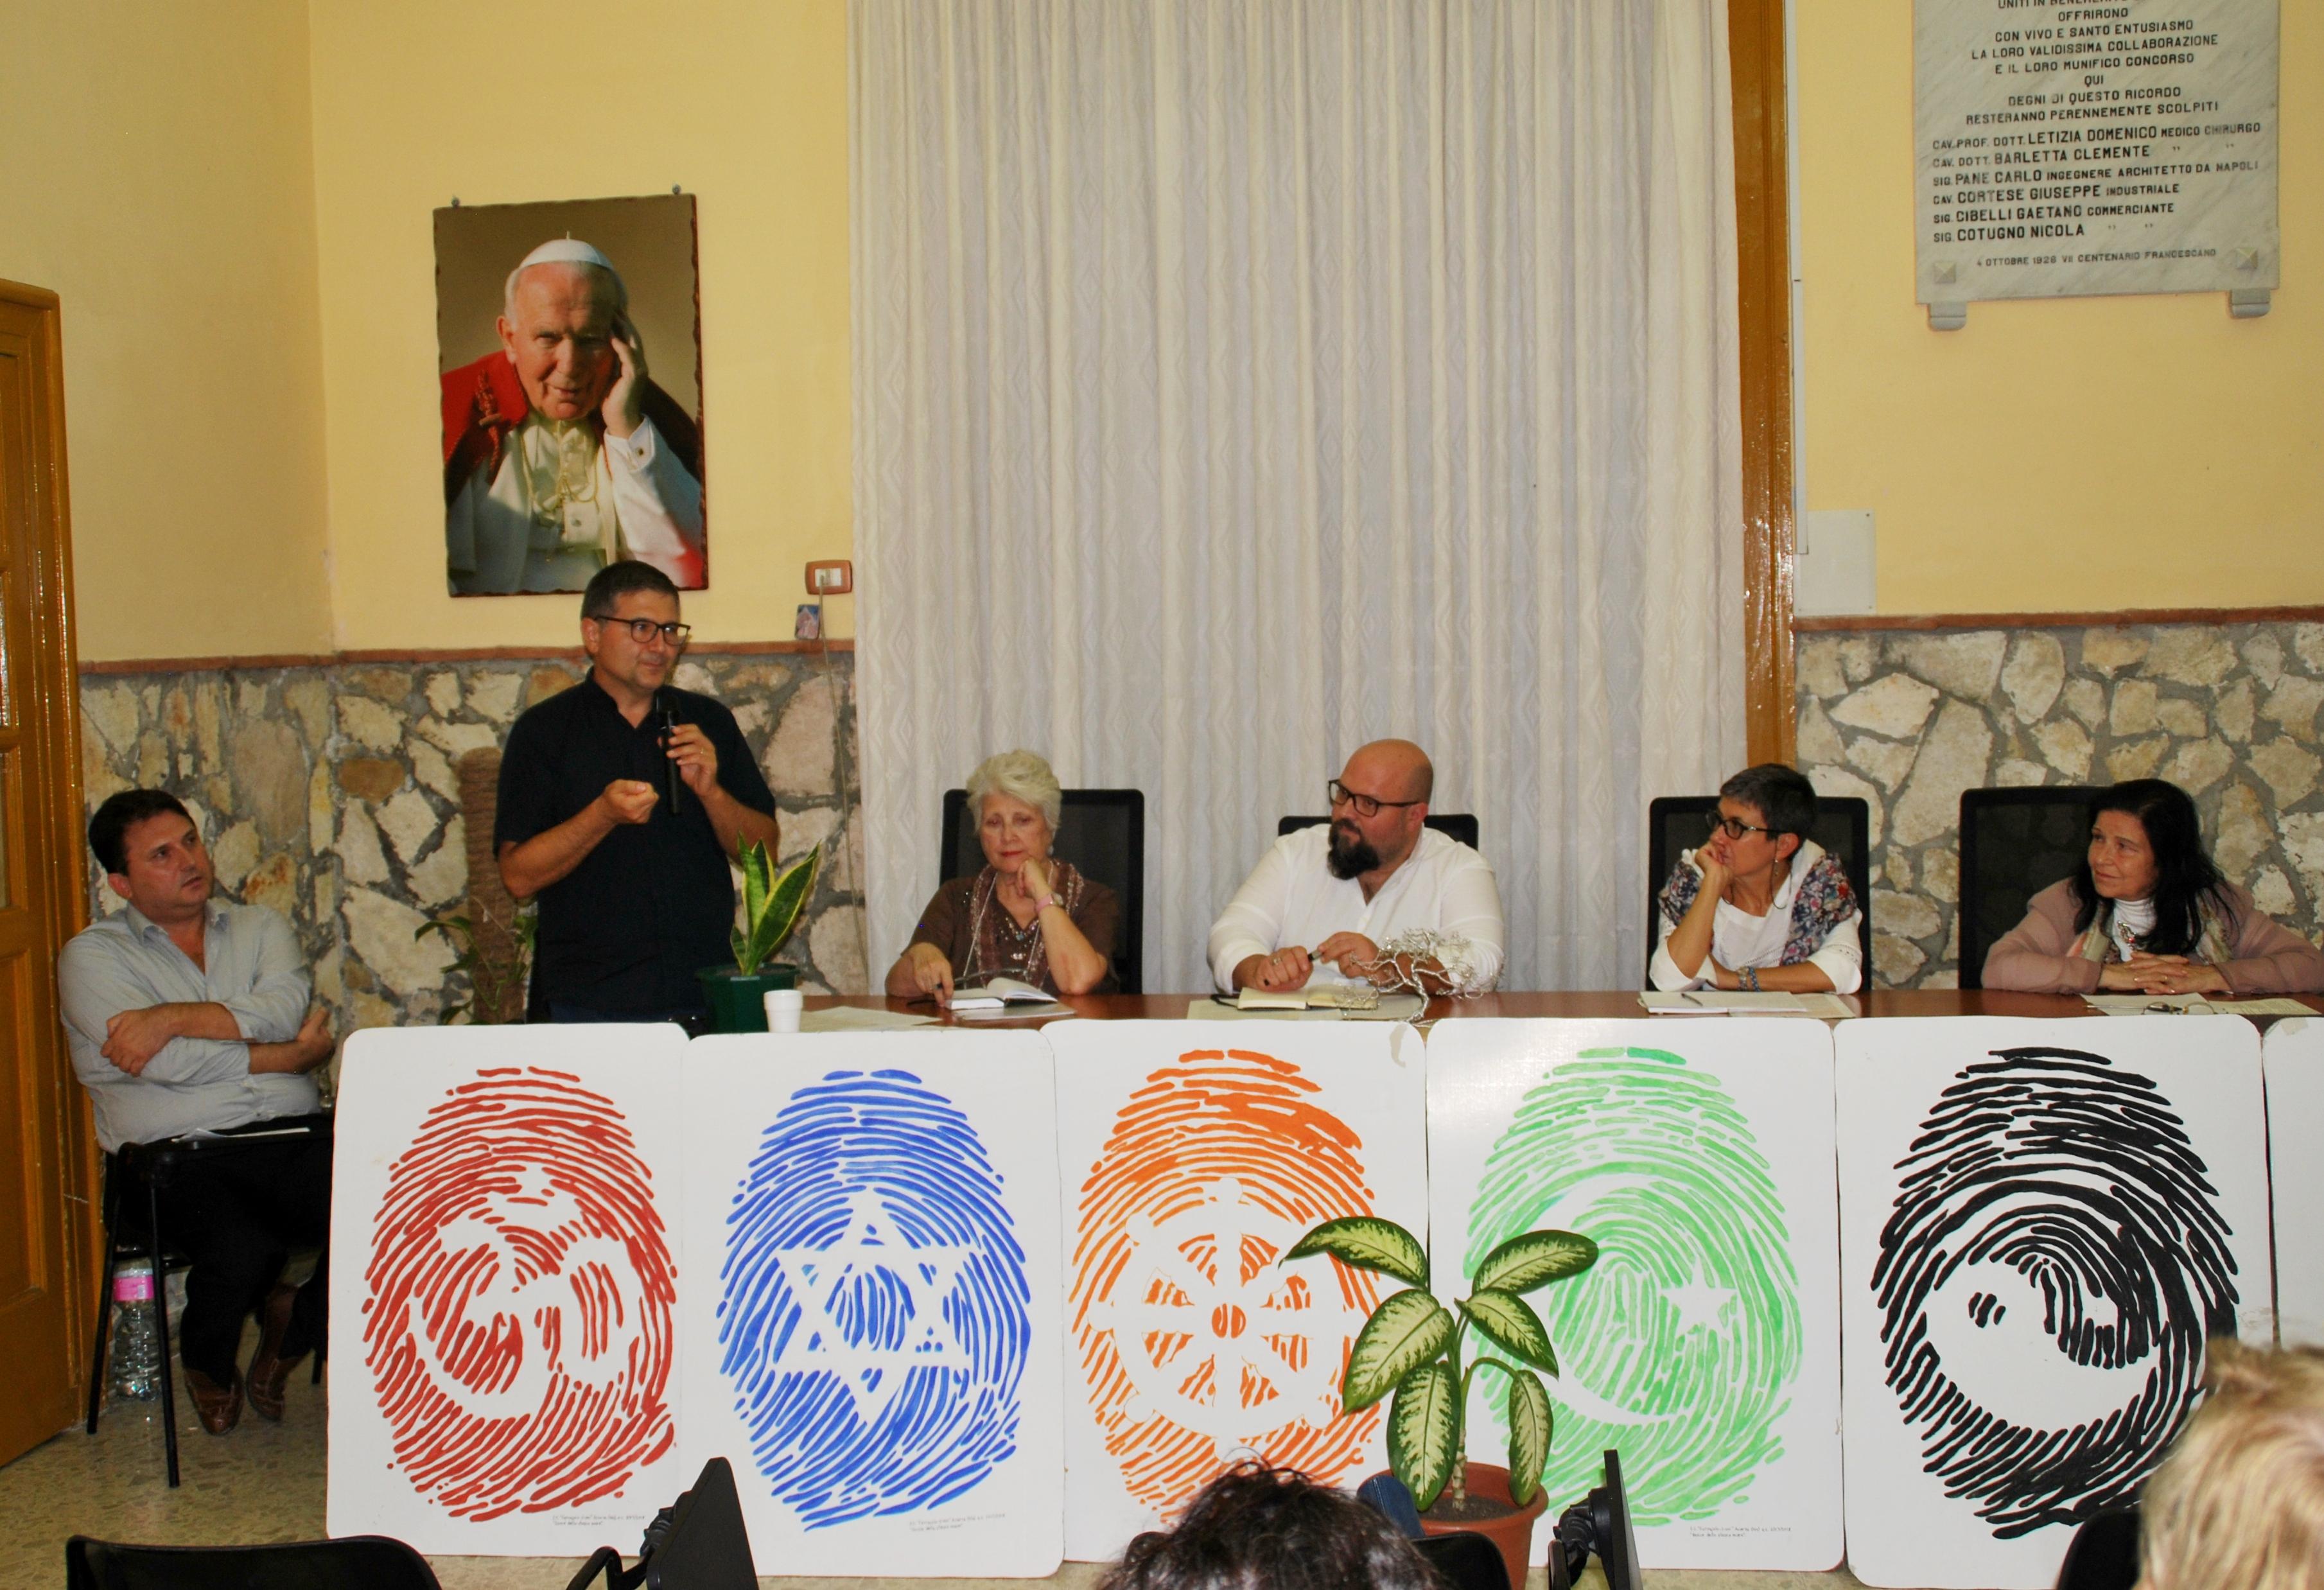 Tavolo dei relatori (foto gentilmente concessa da Silvio Cossa)